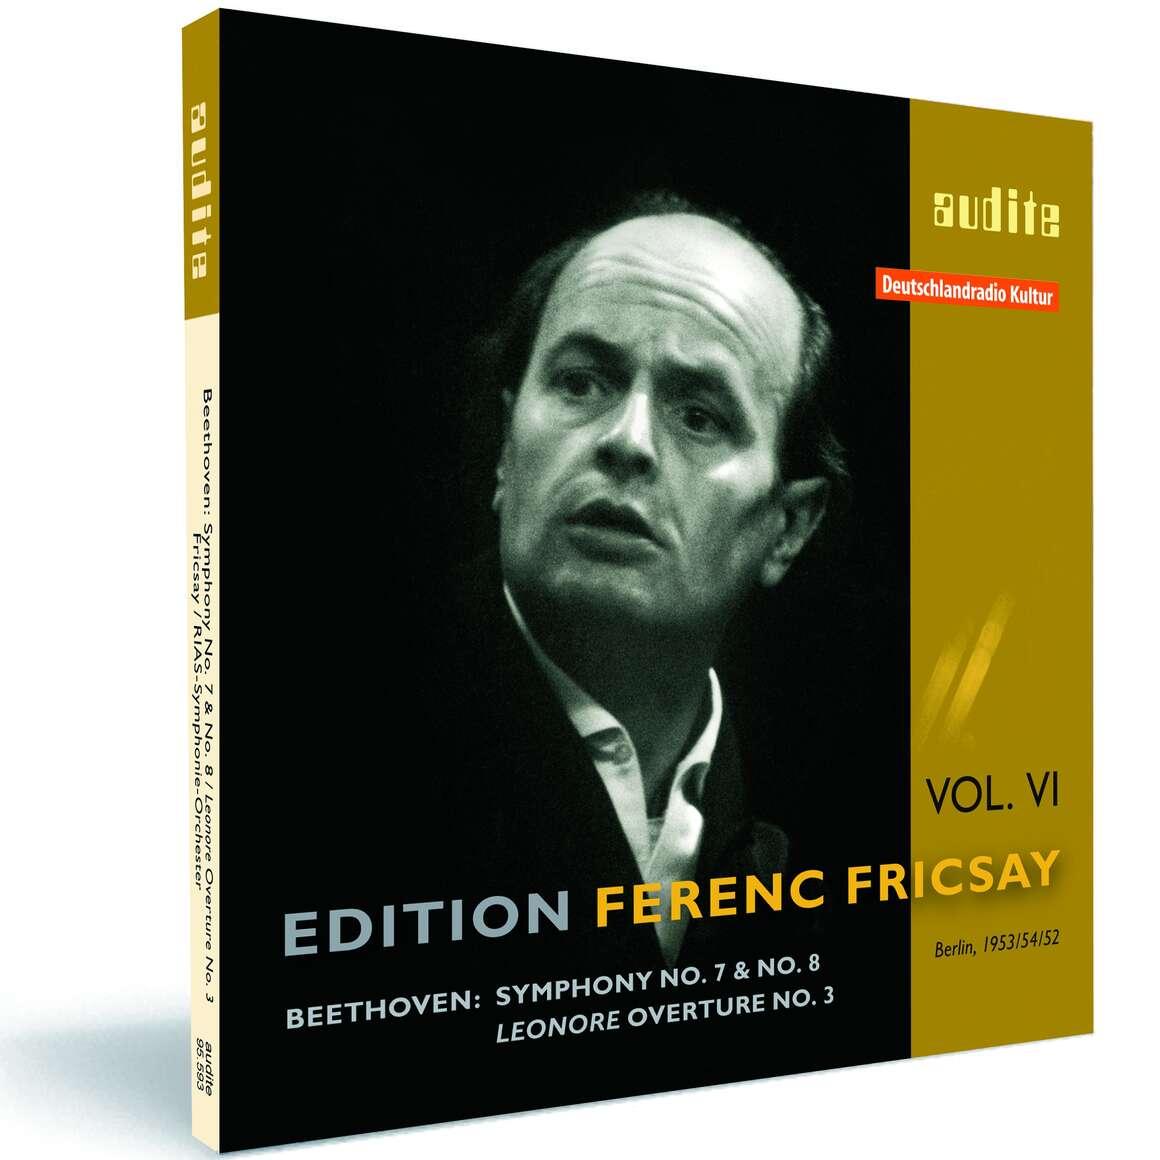 Edition Ferenc Fricsay (VI) – L. v. Beethoven: Symphonies No. 7 & No. 8, Leonore Ouverture No. 3